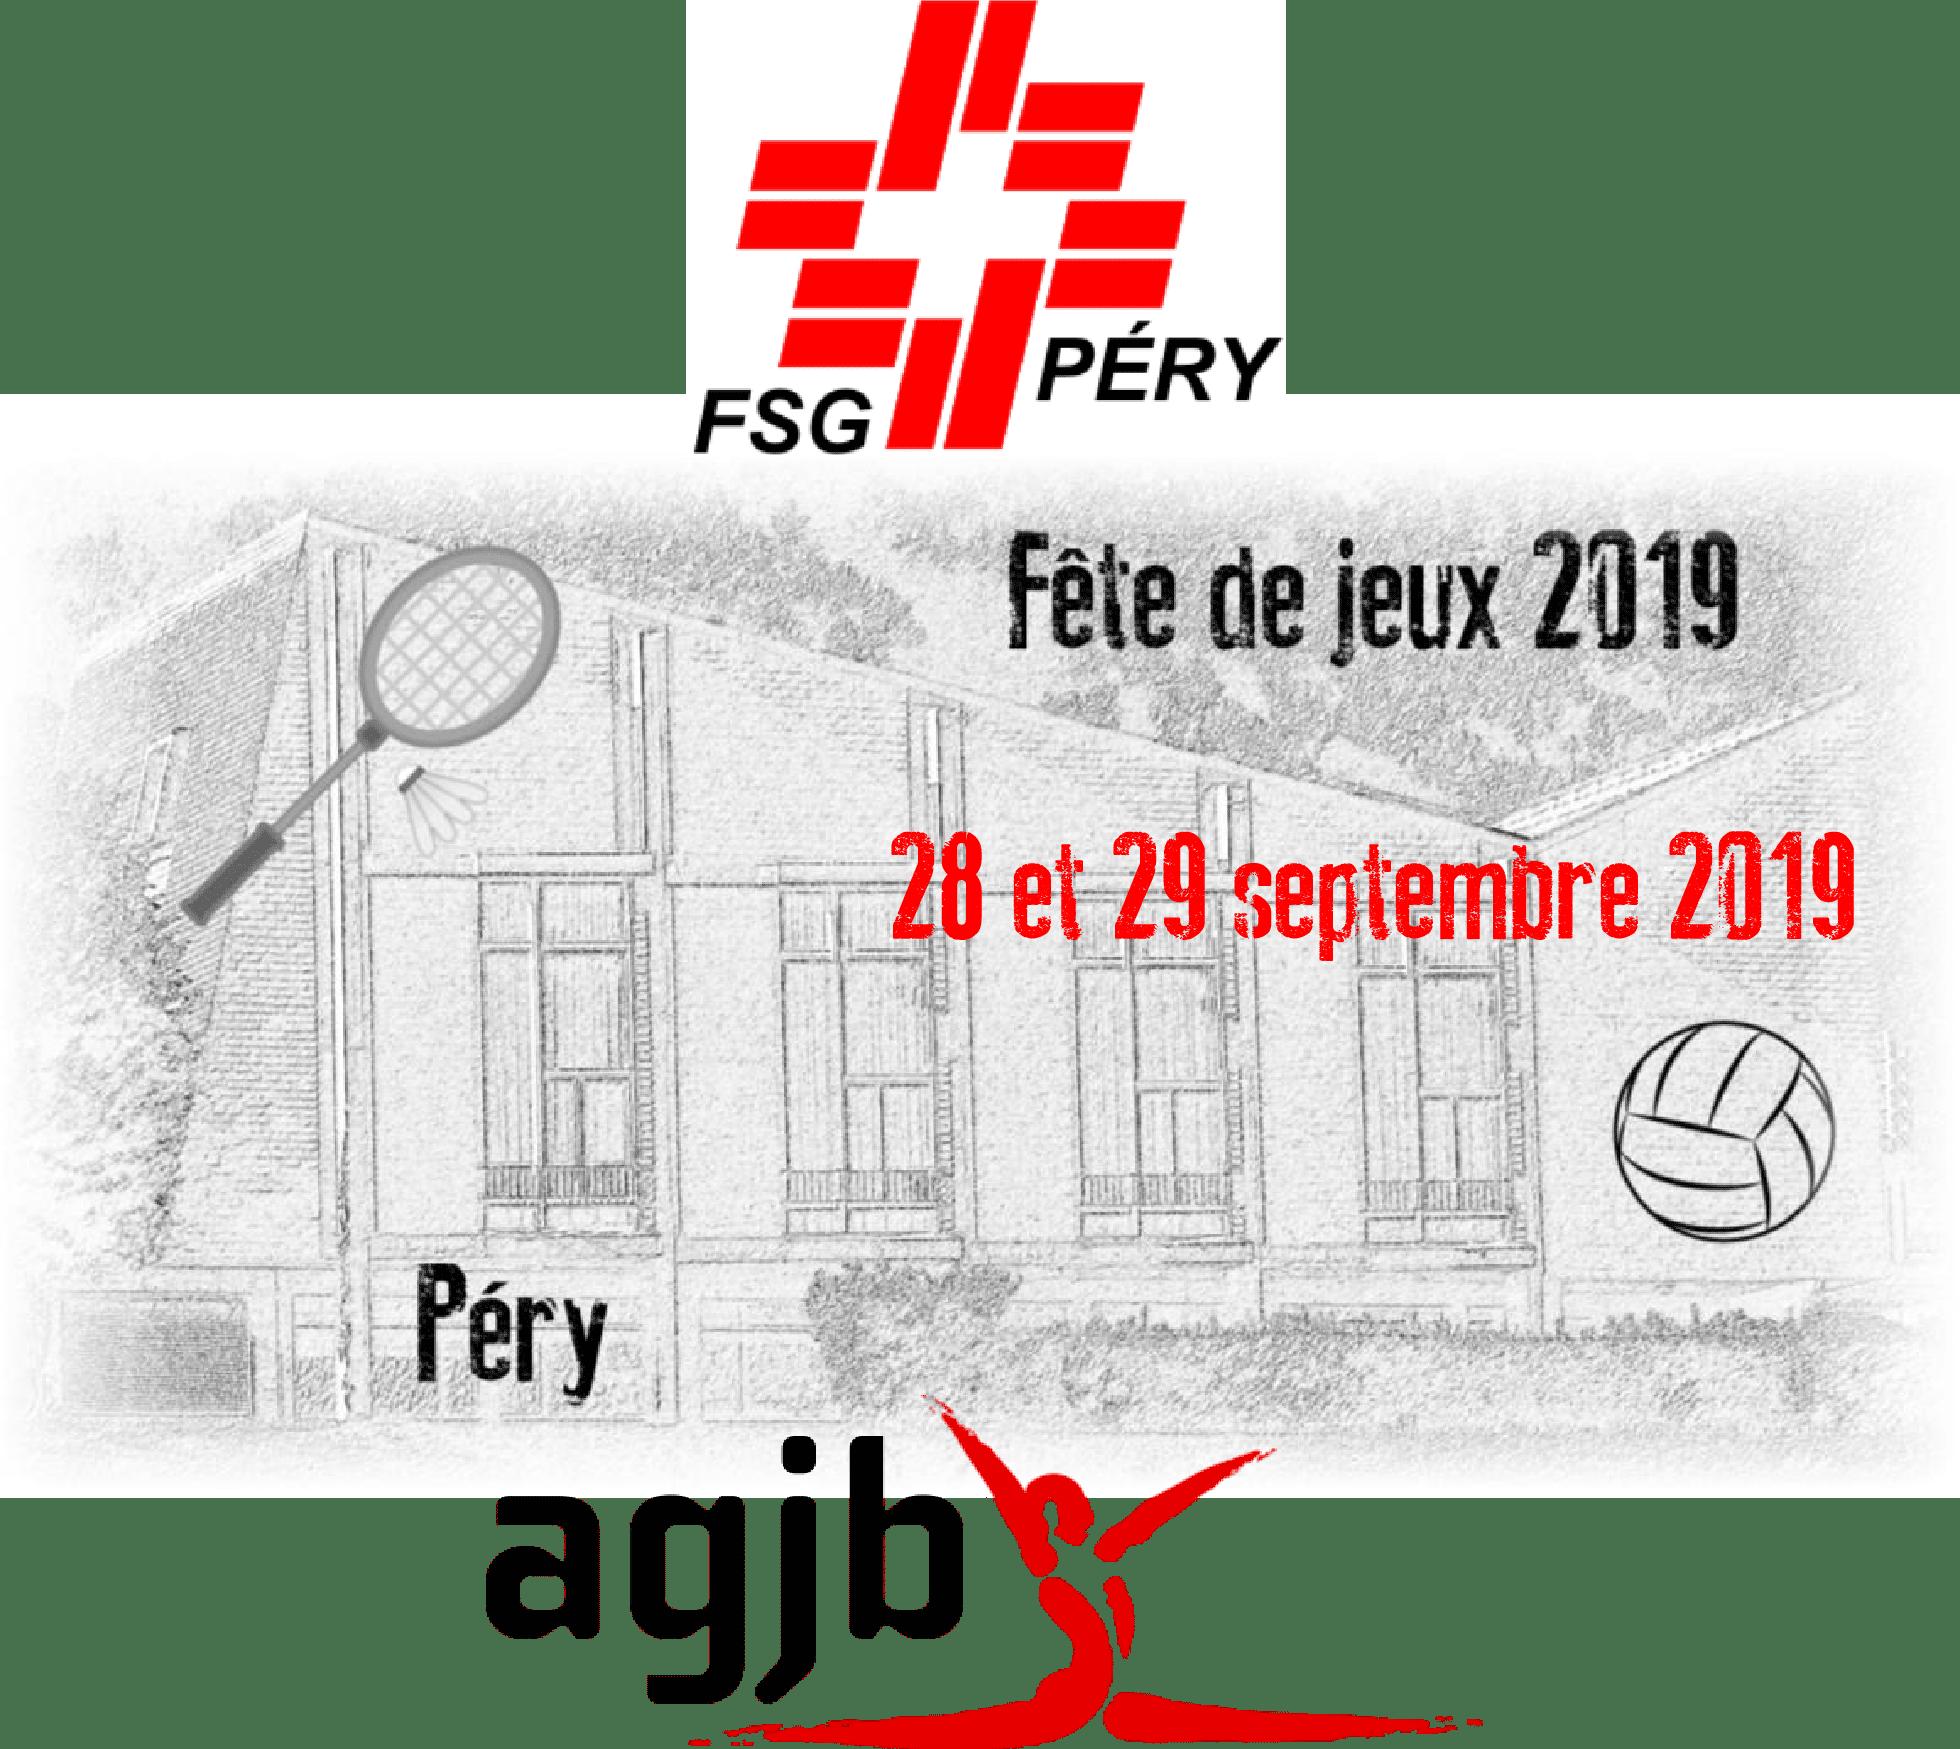 Fête de jeux 2019